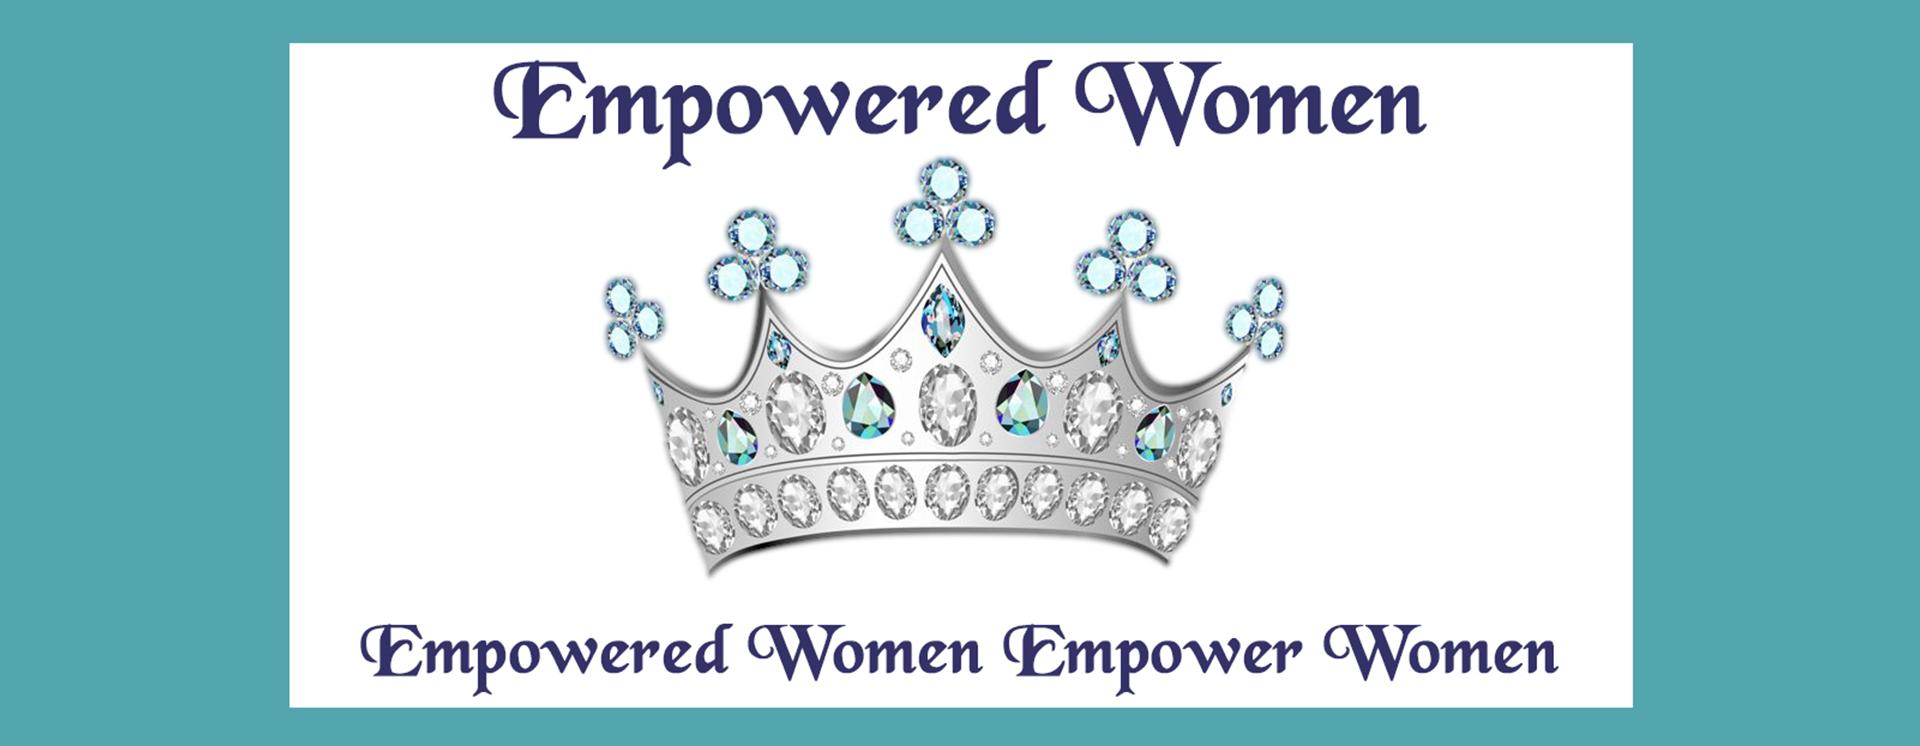 2020empoweredwomen3